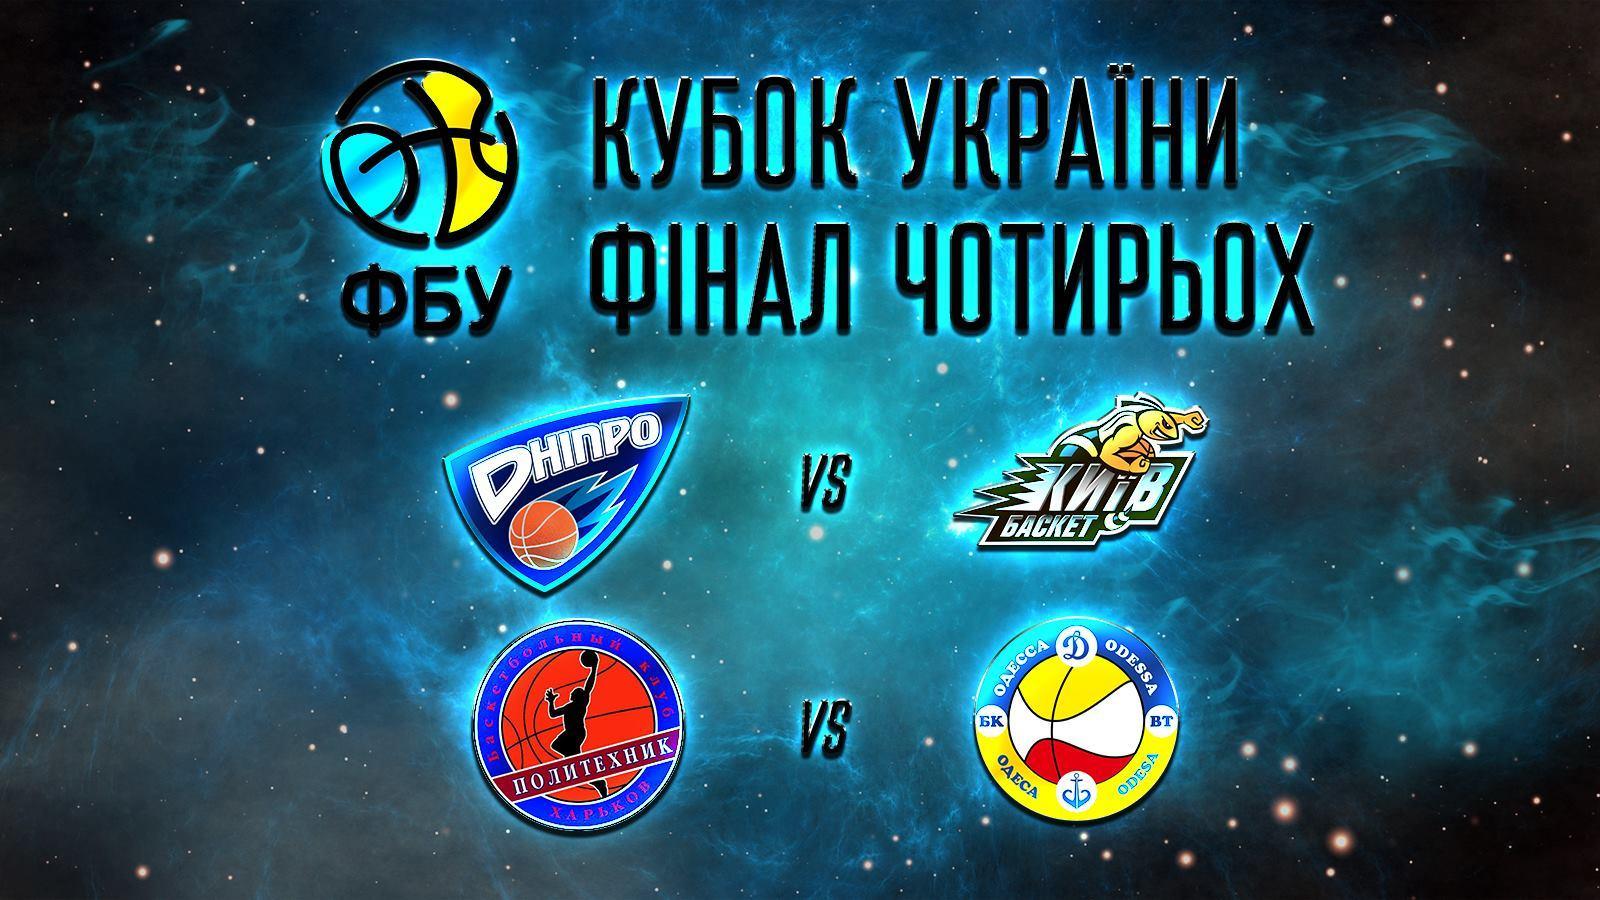 Дніпро прийме Фінал чотирьох Кубка України, стали відомі півфінальні пари